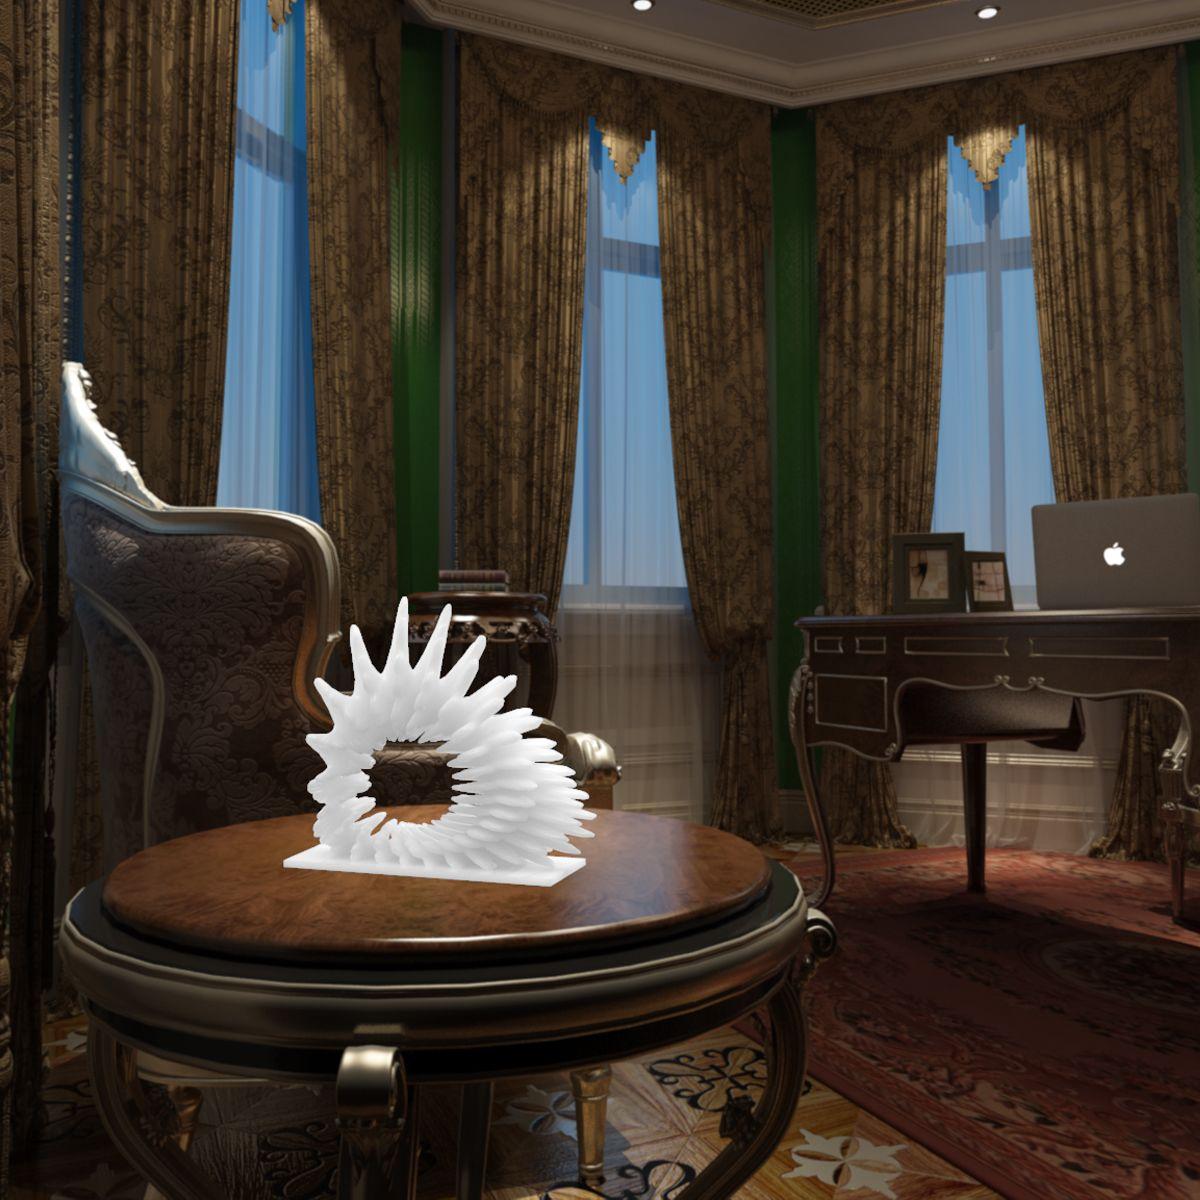 Изысканный Номер Декоративные Скульптура коралловый 3D печатных Скульптура украшения дома оригинальный Дизайн высокое качество красивая р